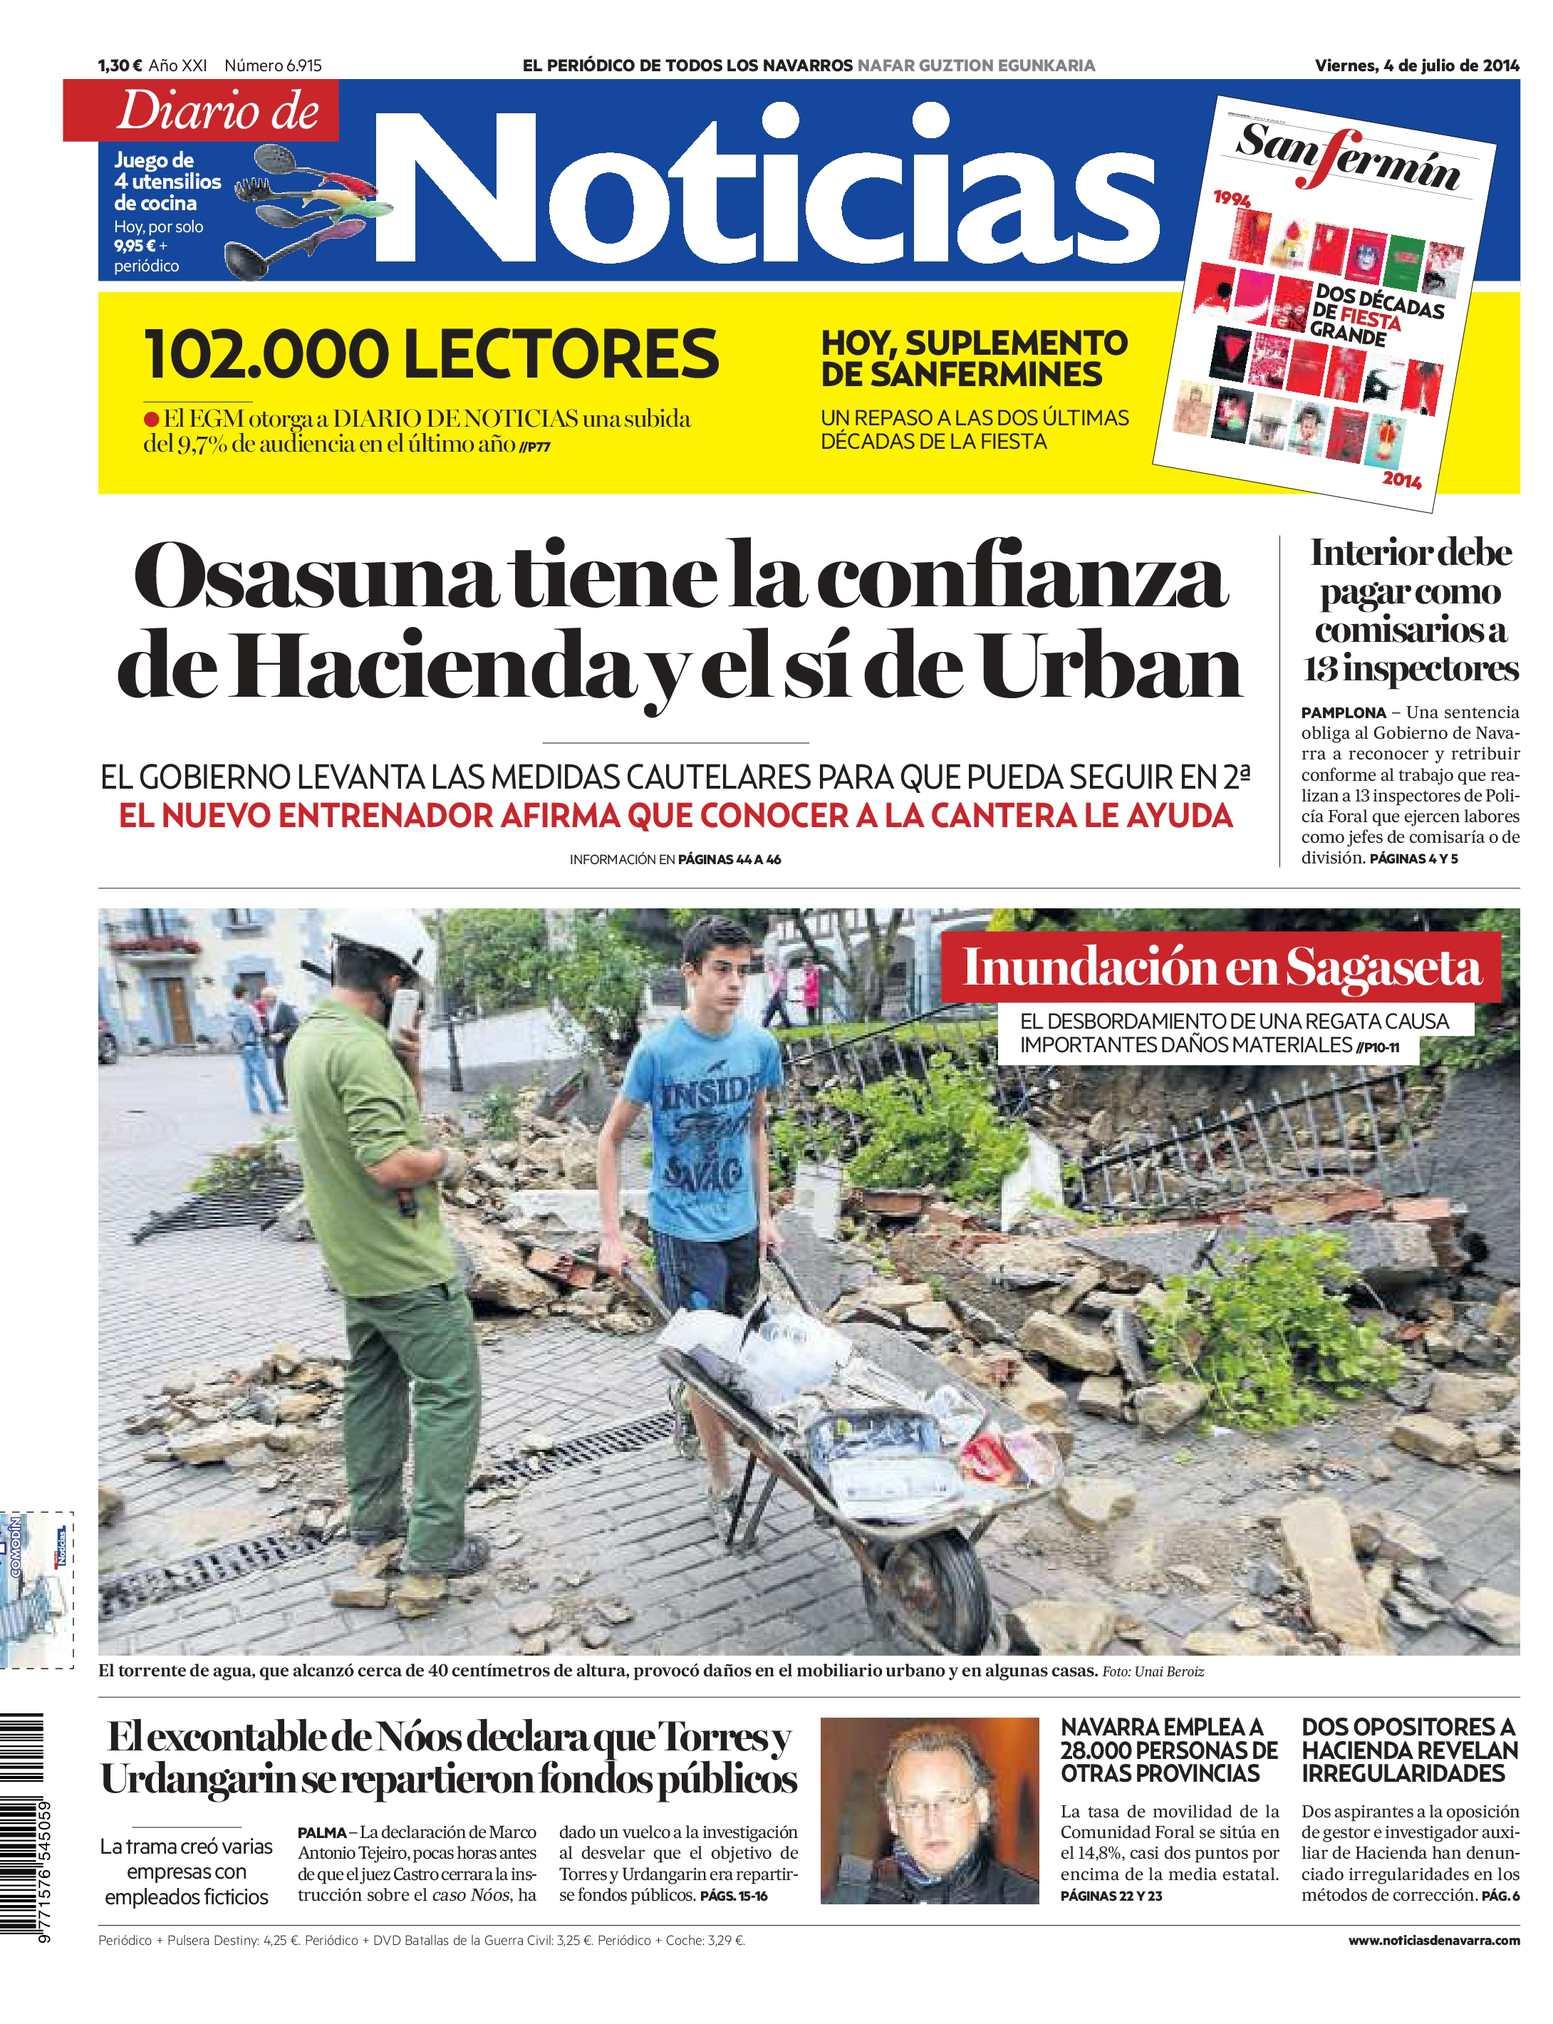 Calaméo - Diario de Noticias 20140704